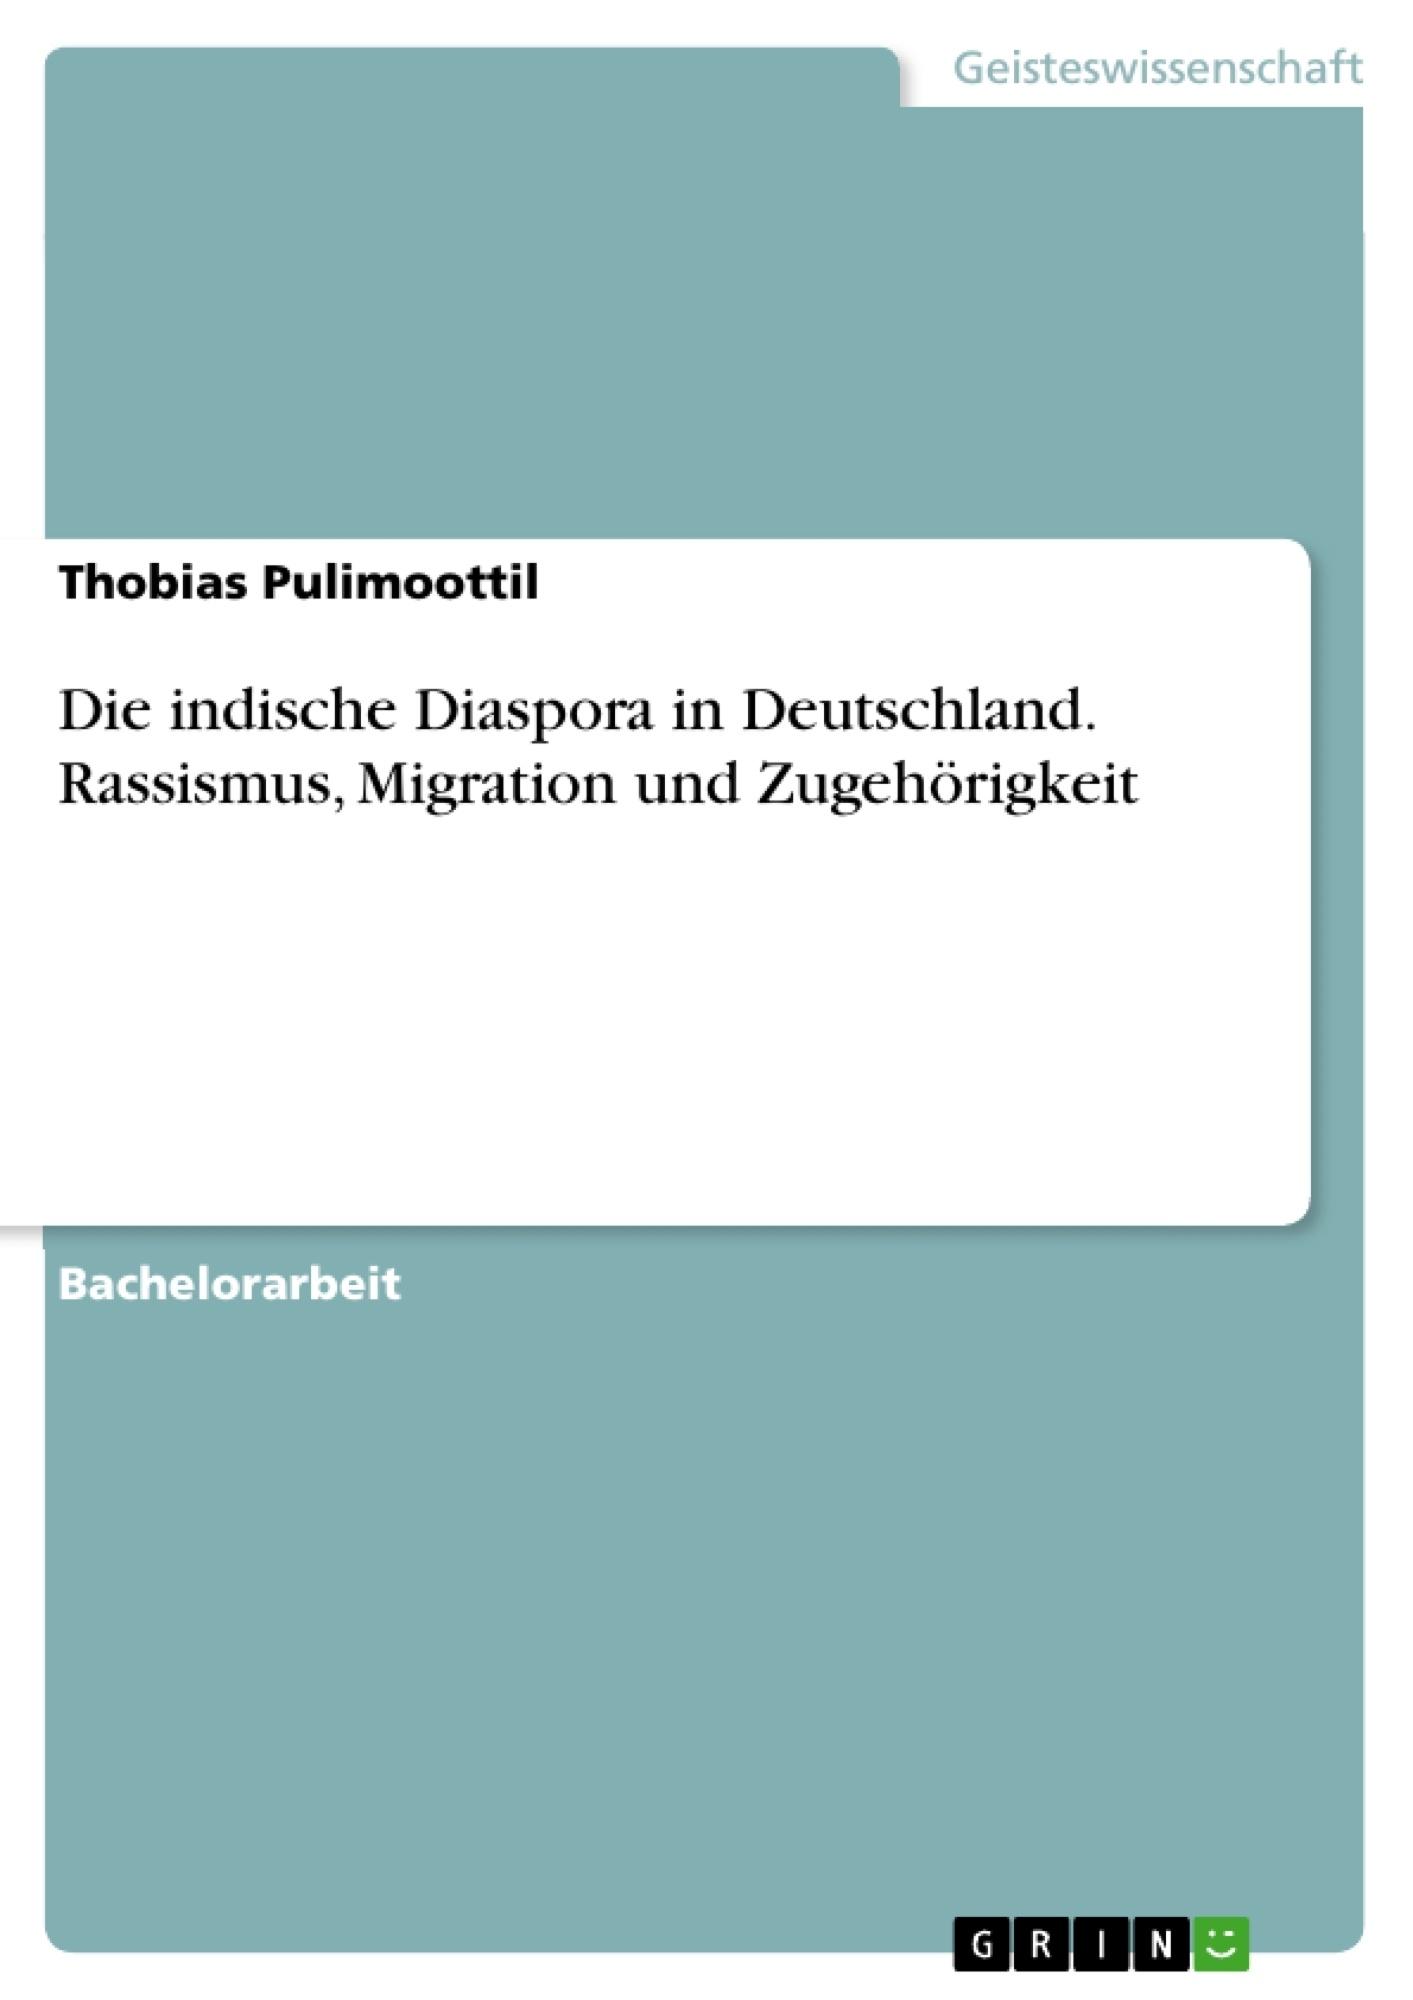 Titel: Die indische Diaspora in Deutschland. Eine Auseinandersetzung mit den Herausforderungen in Hinblick auf Rassismus, Migration und Zugehörigkeit